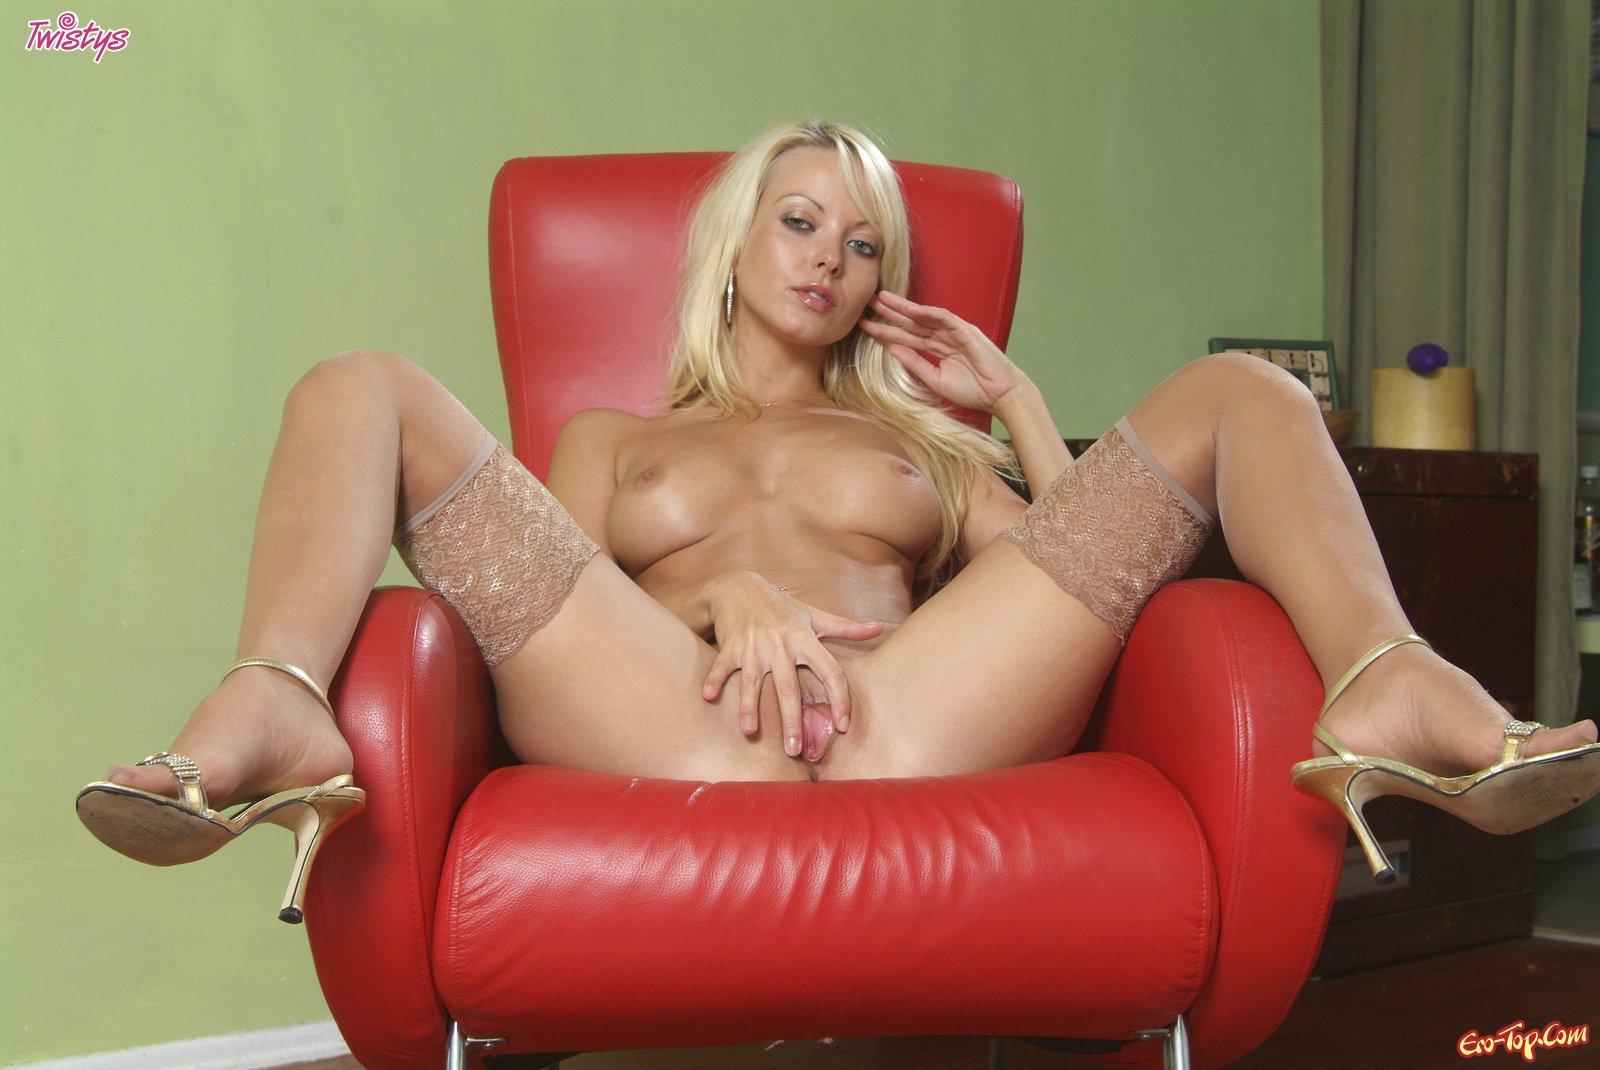 Чулки блондинка порно 13 фотография